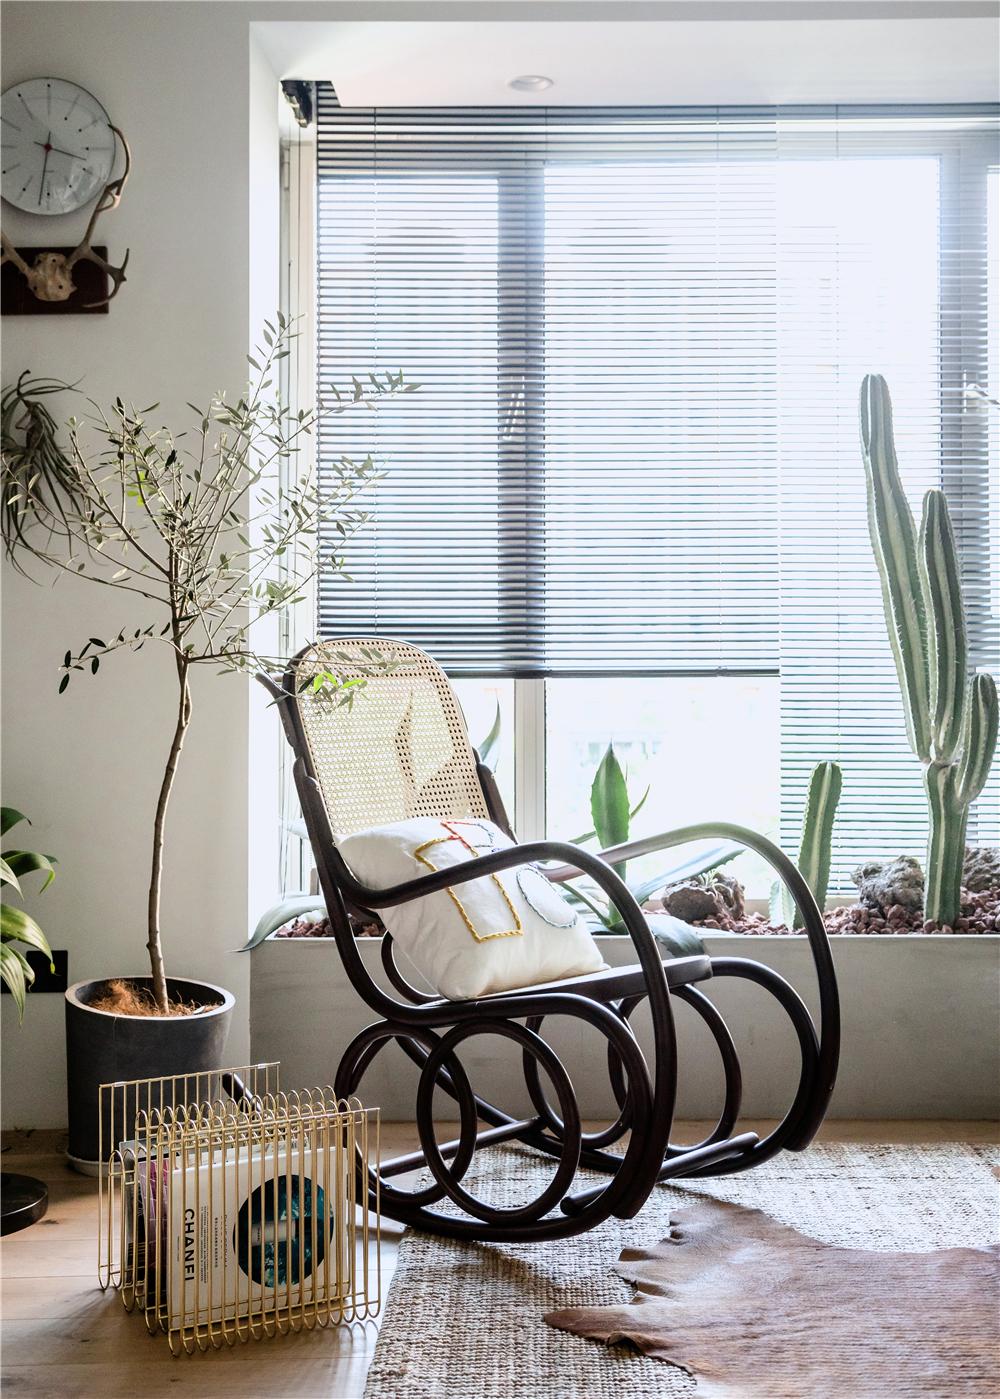 63平米一居室装修摇椅设计